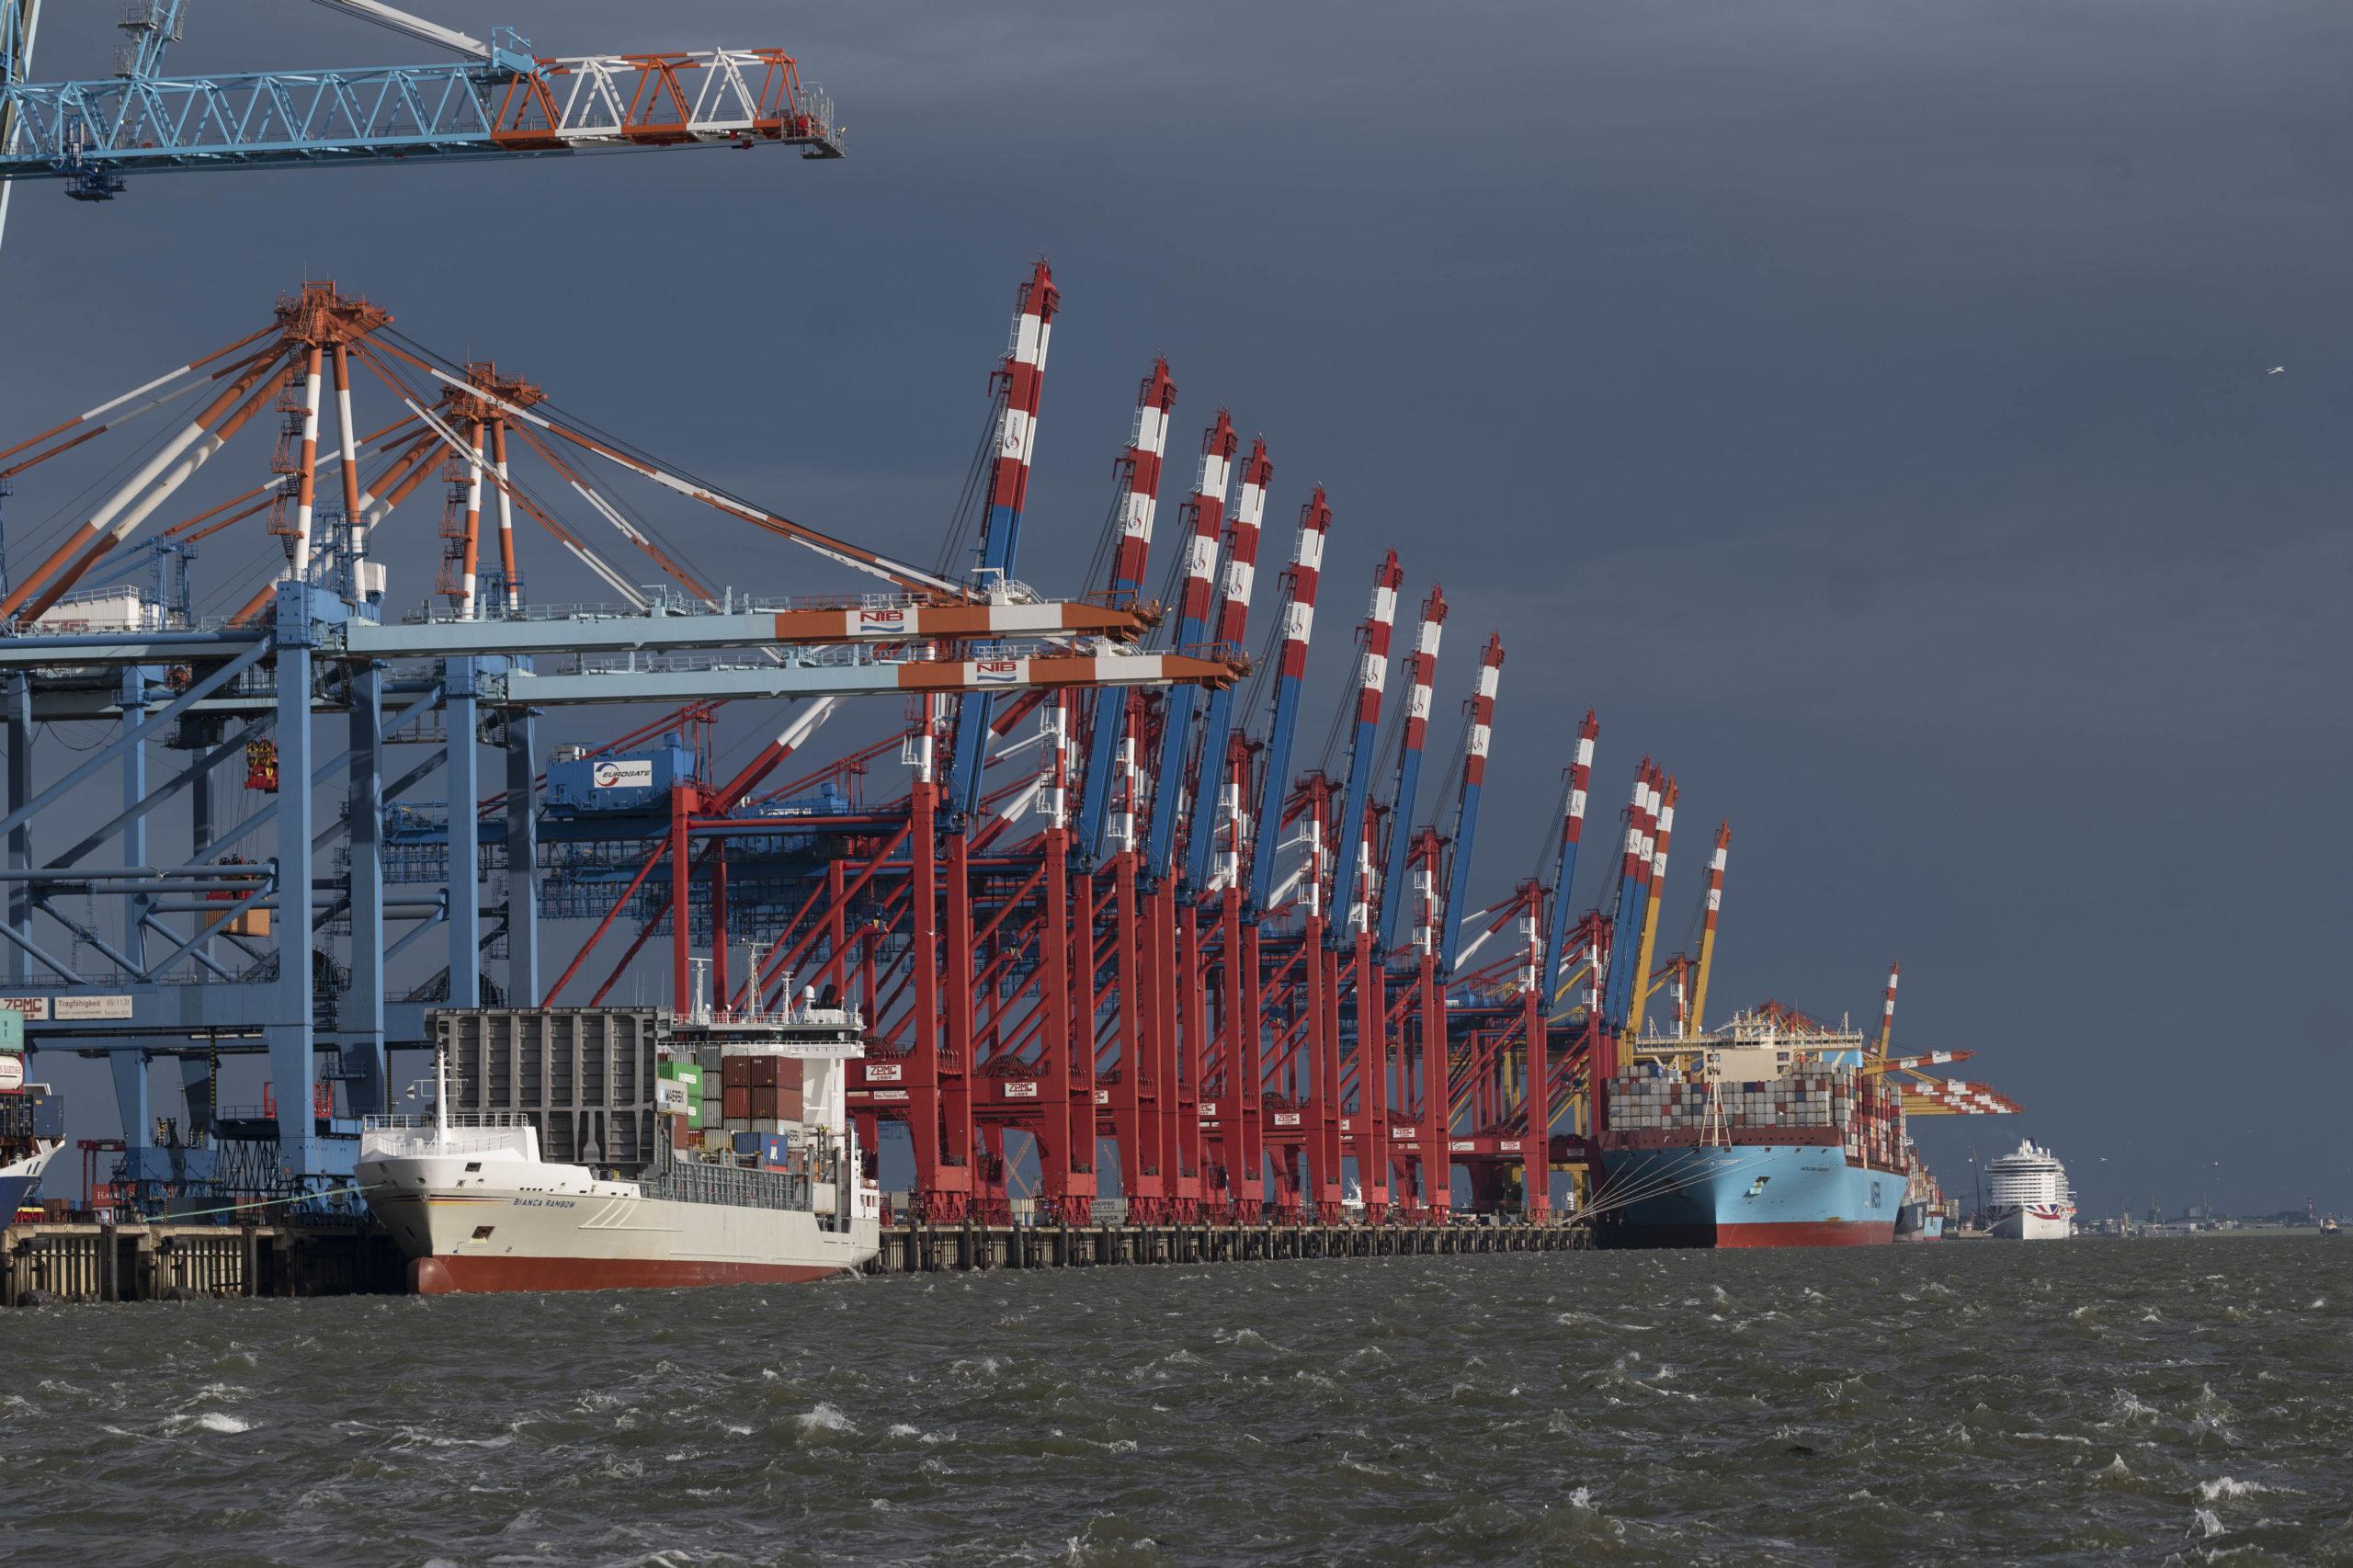 Stromkaje Bremerhaven